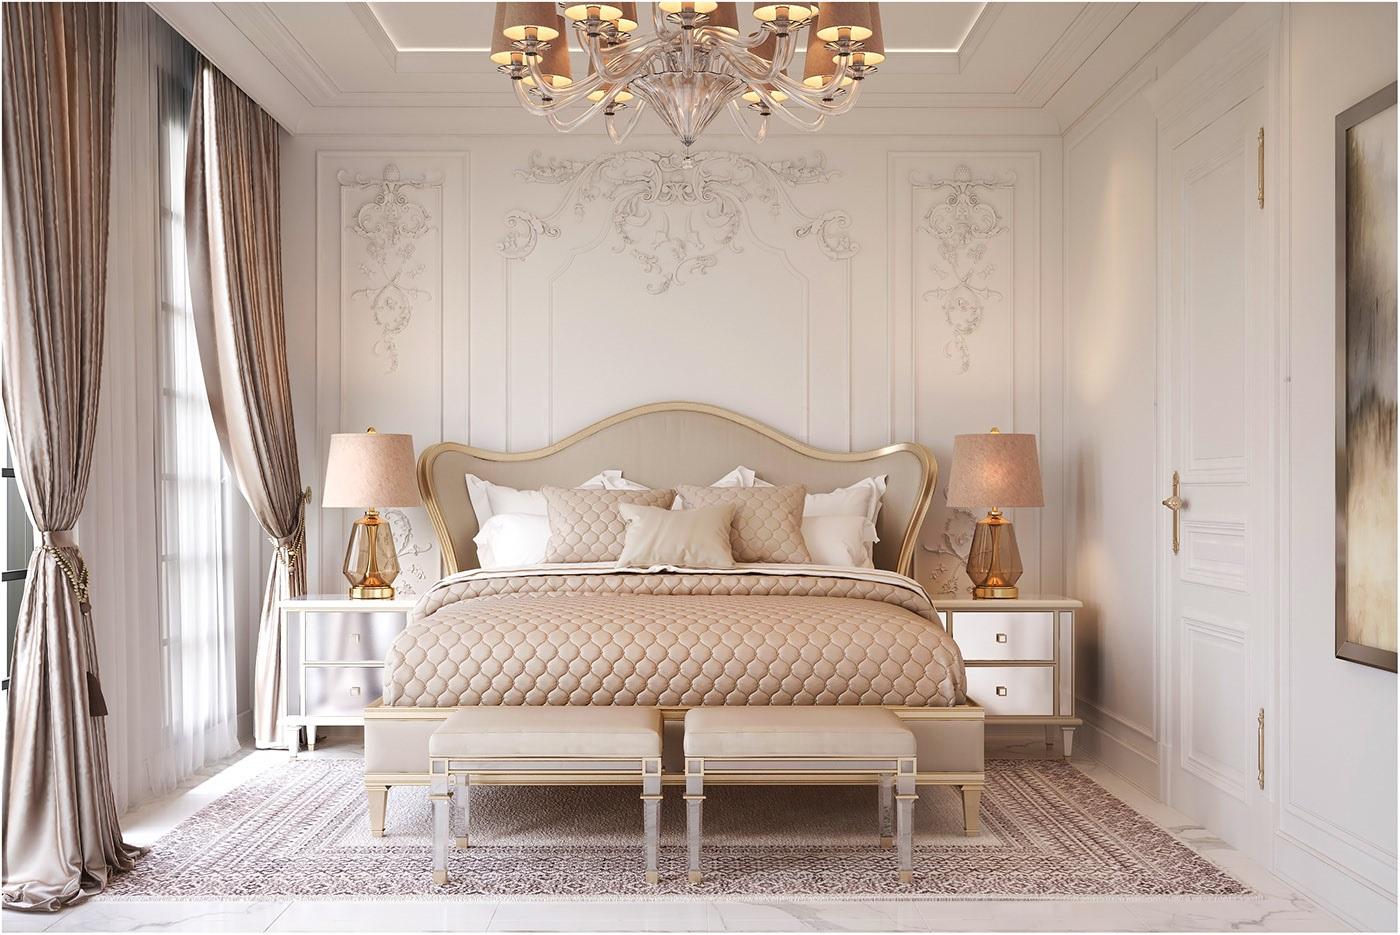 thiết kế đồ nội thất đẹp và chuẩn - Housedesign